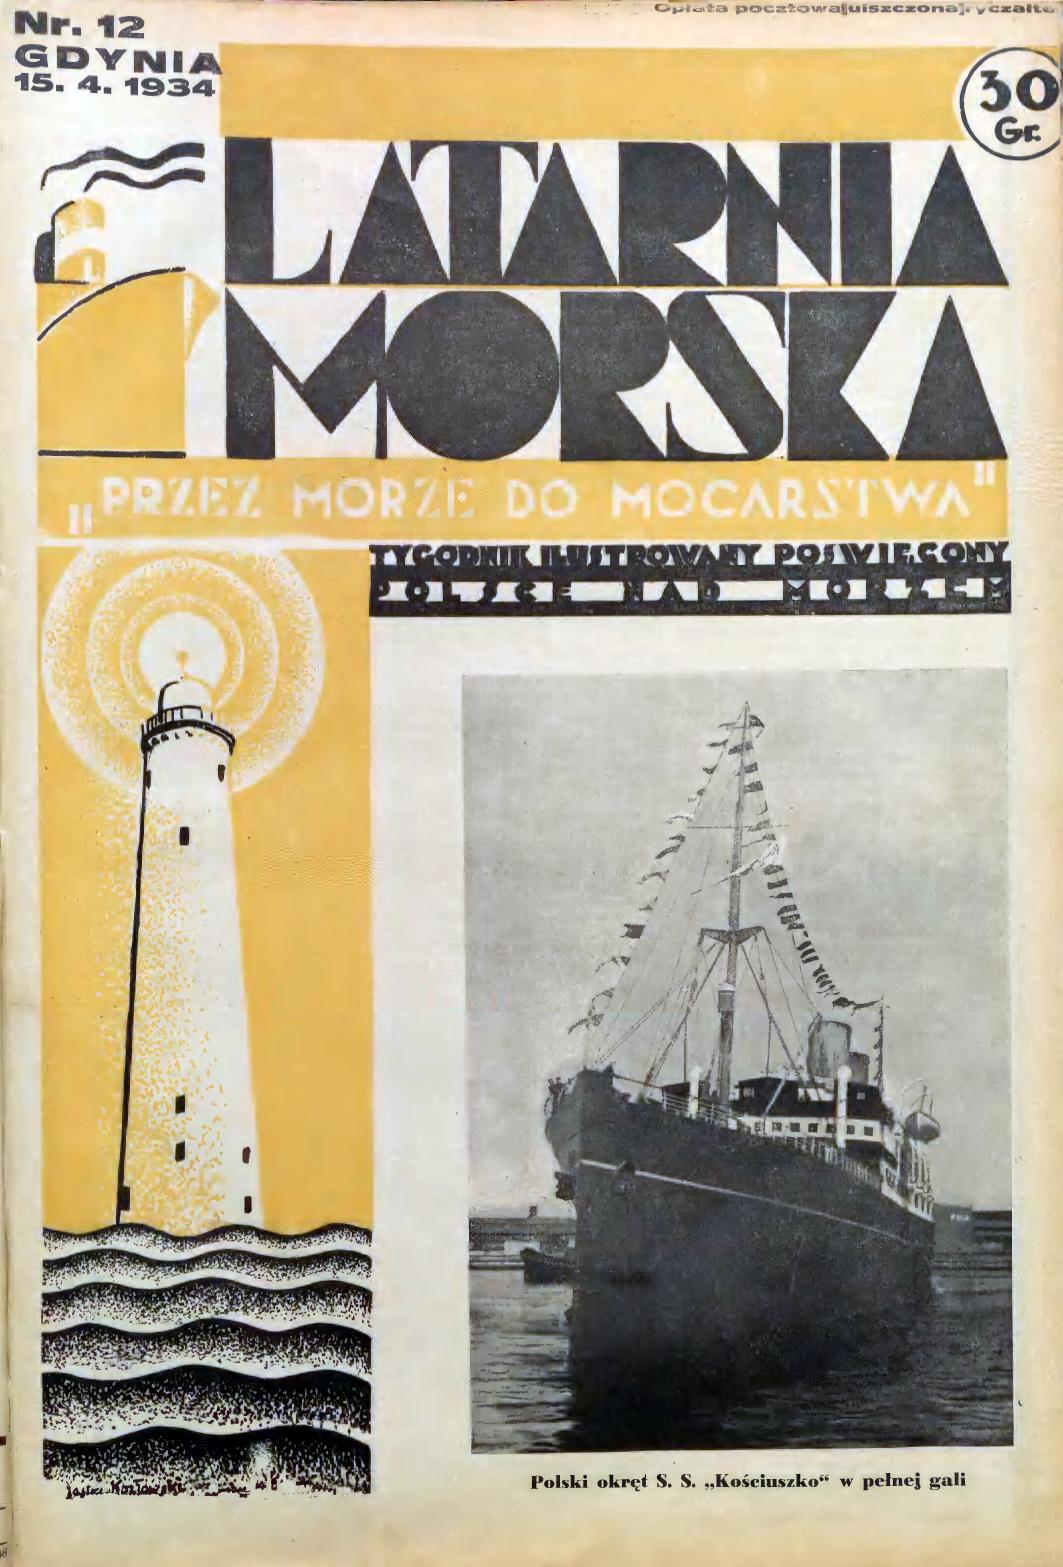 """Latarnia Morska: tygodnik ilustrowany poświęcony Polsce nad morzem. - Gdynia : Balto Polak"""" - Zakłady Graficzne i Wydawnicze, 1934, nr 12"""